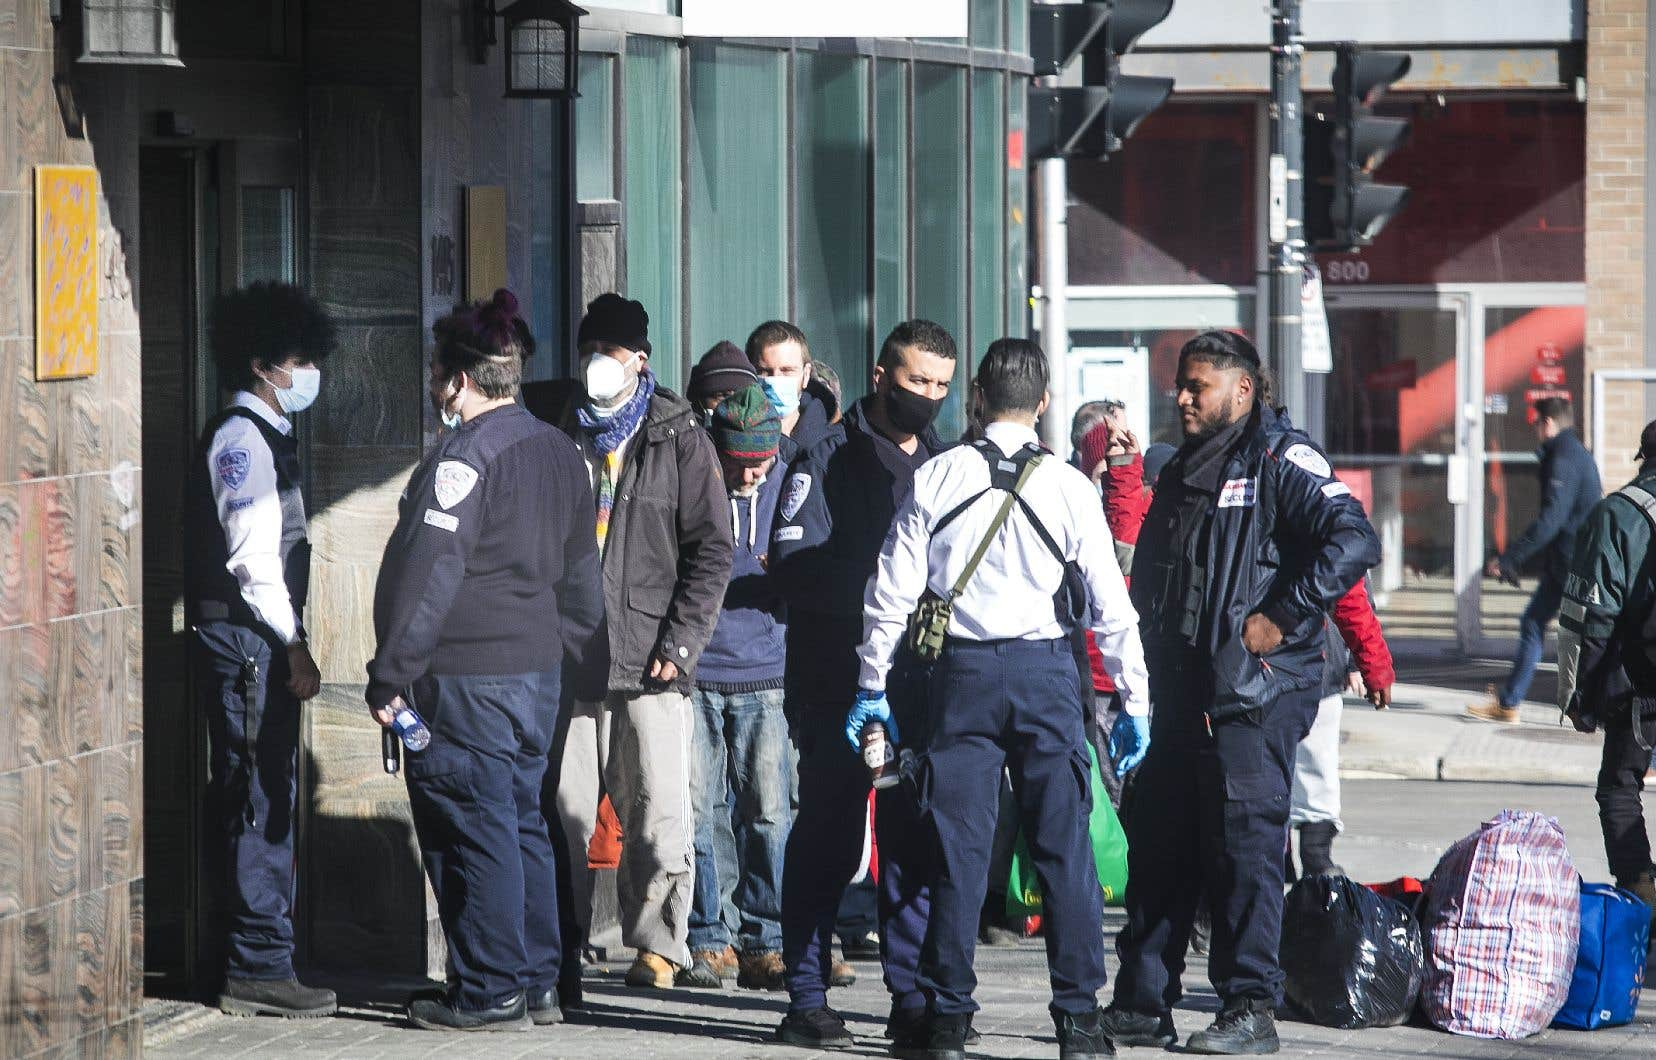 Des agents de sécurité de l'entreprise GardaWorld contrôlaient l'entrée de personnes en situation d'itinérance dans l'hôtel Place Dupuis à Montréal le 6 avril dernier.